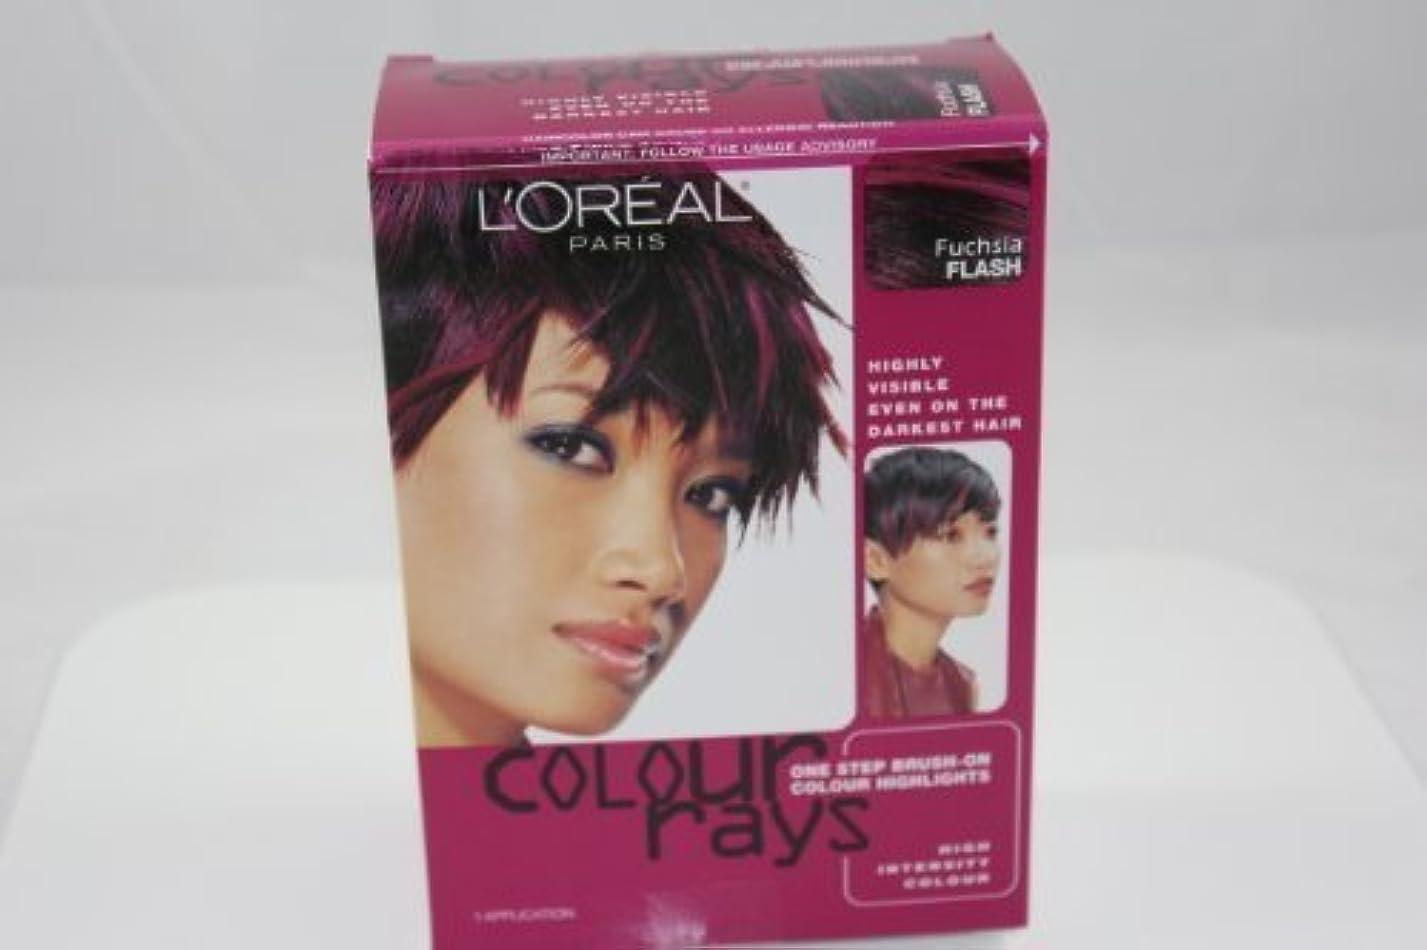 カイウス表示あまりにもL'Oreal Paris Colour Rays Hair Color, Fuschia Flash by L'Oreal Paris Hair Color [並行輸入品]